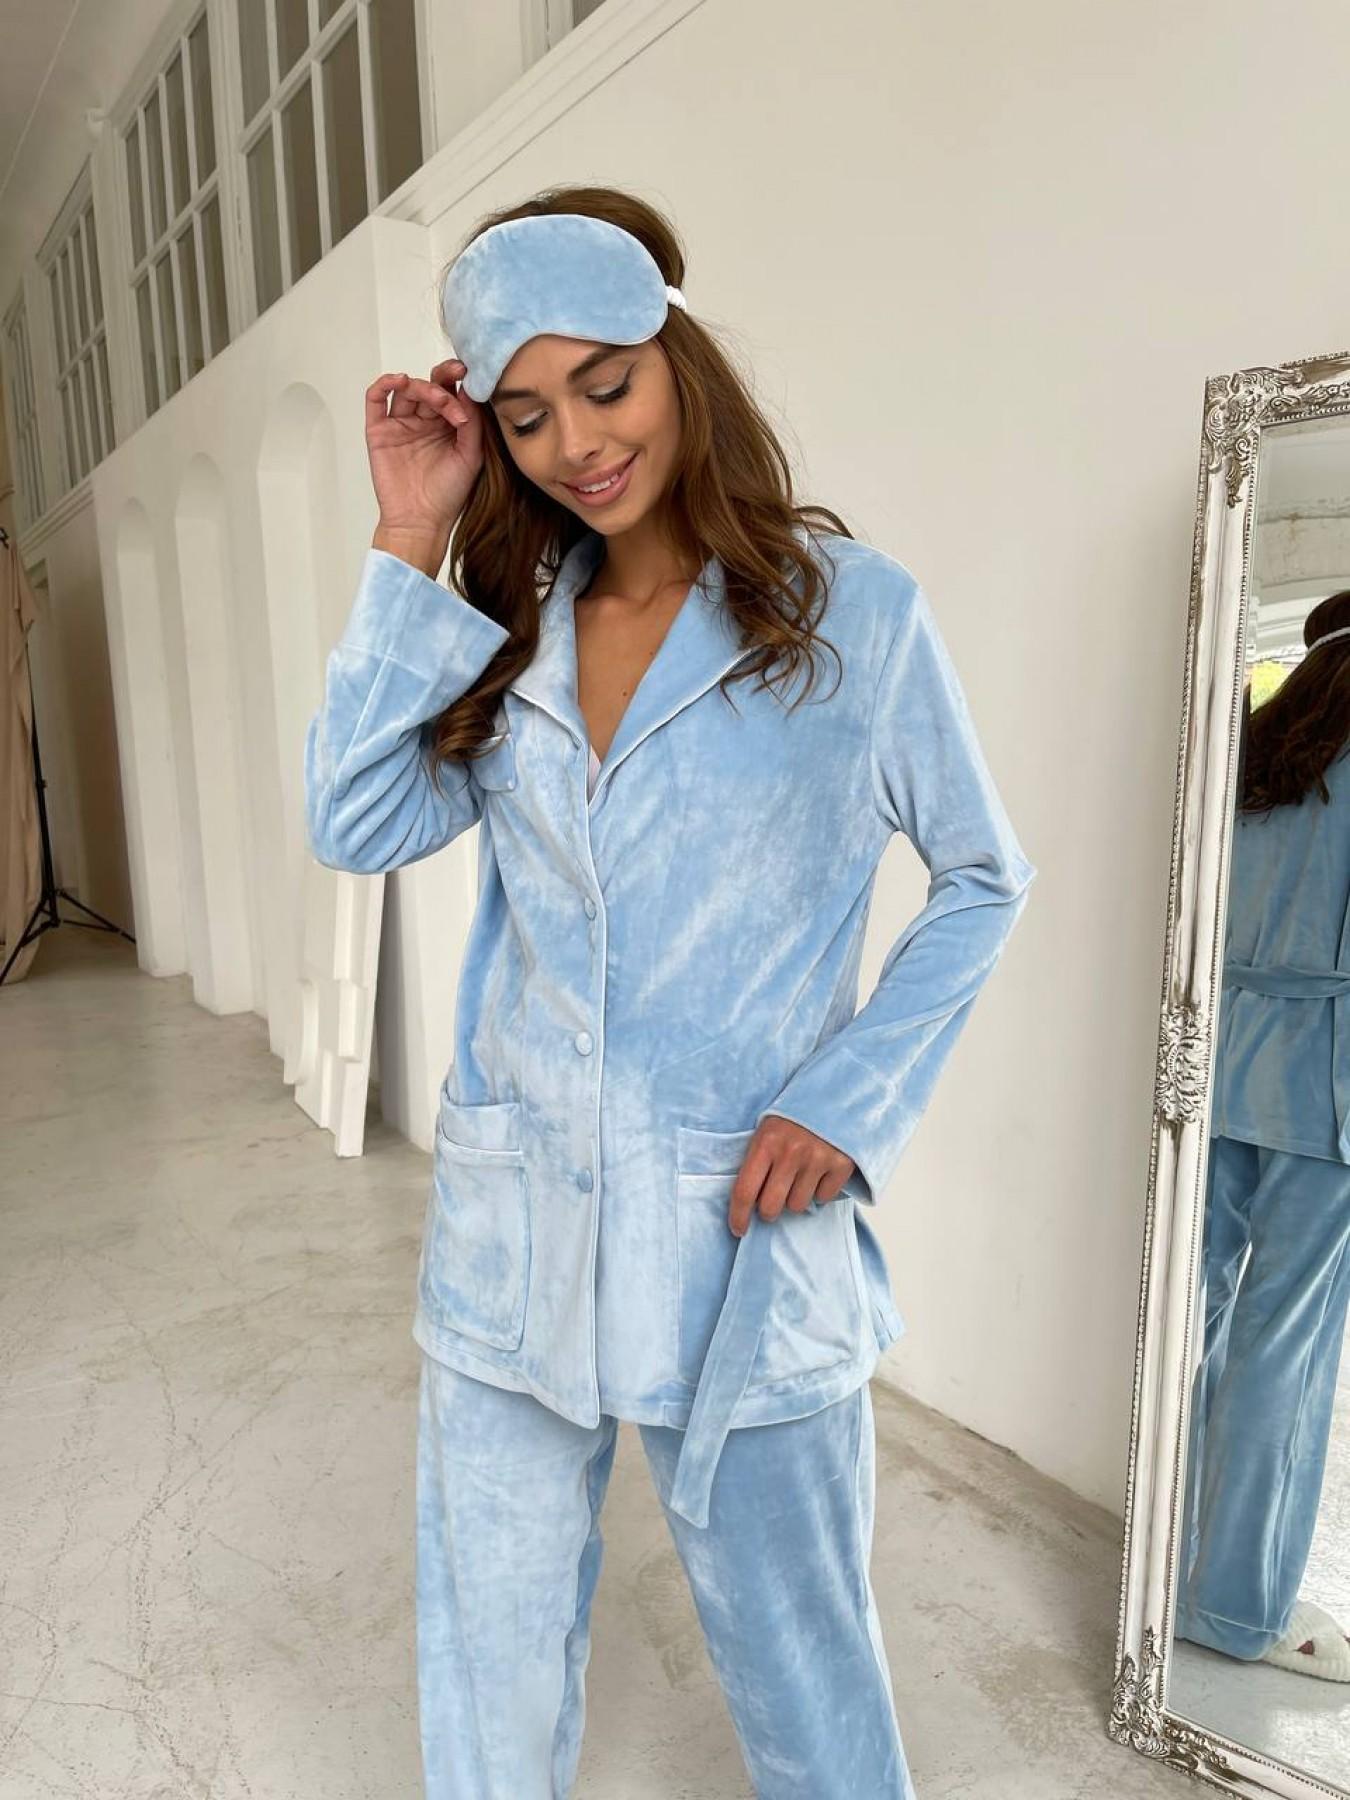 Женская одежда оптом от производителя Шайн пижама велюр жакет брюки маска для сна 10353